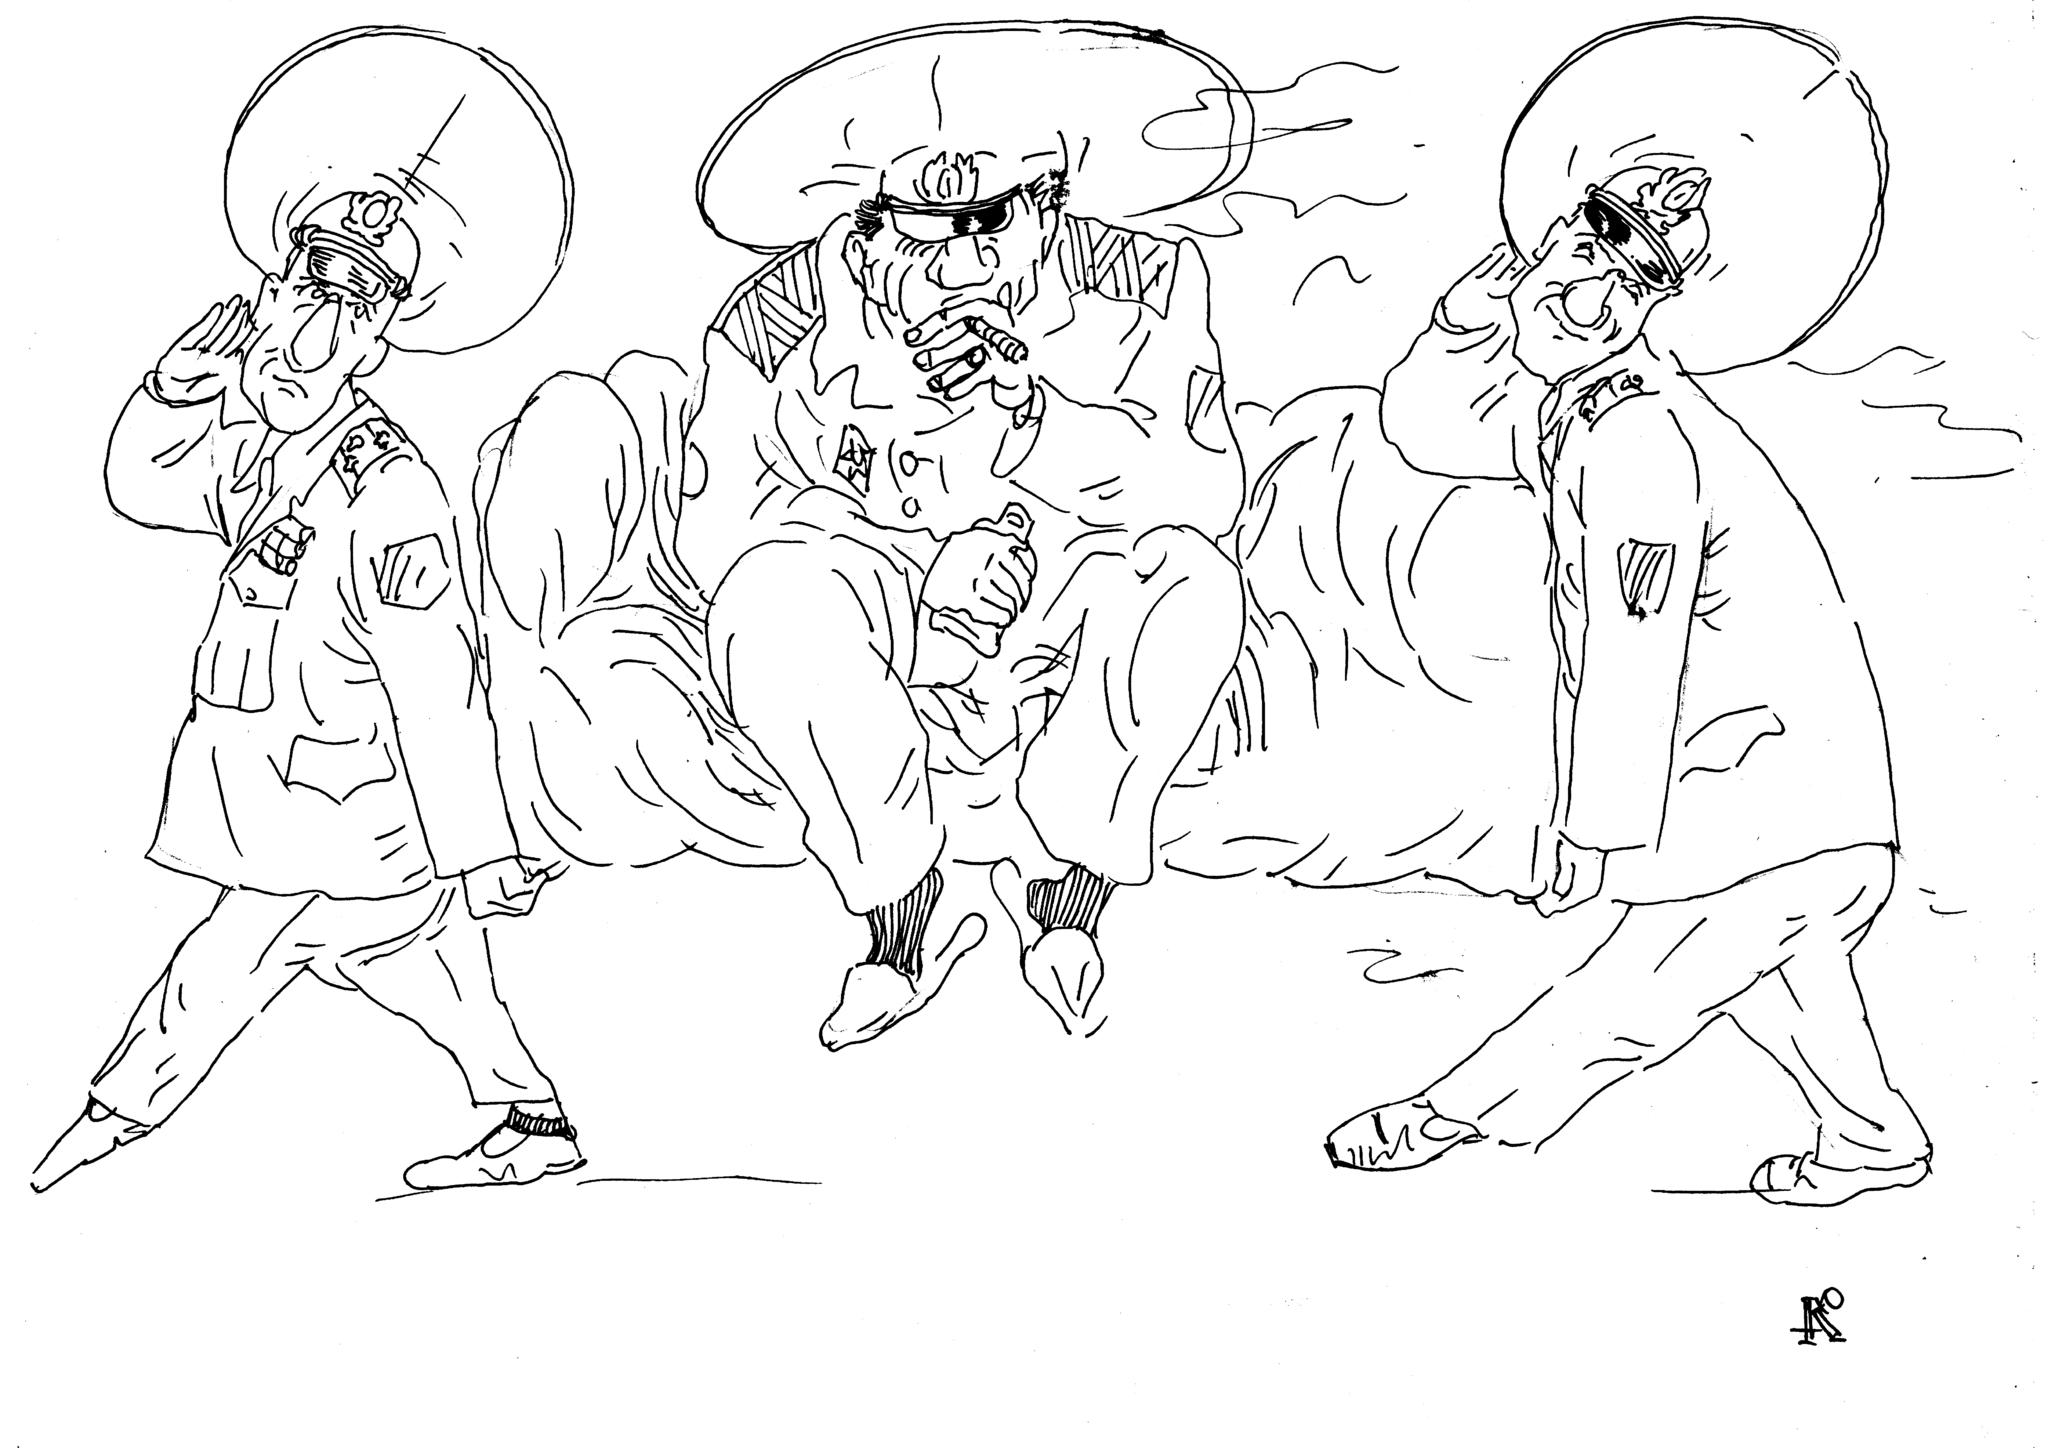 Есть два толковых полковника?